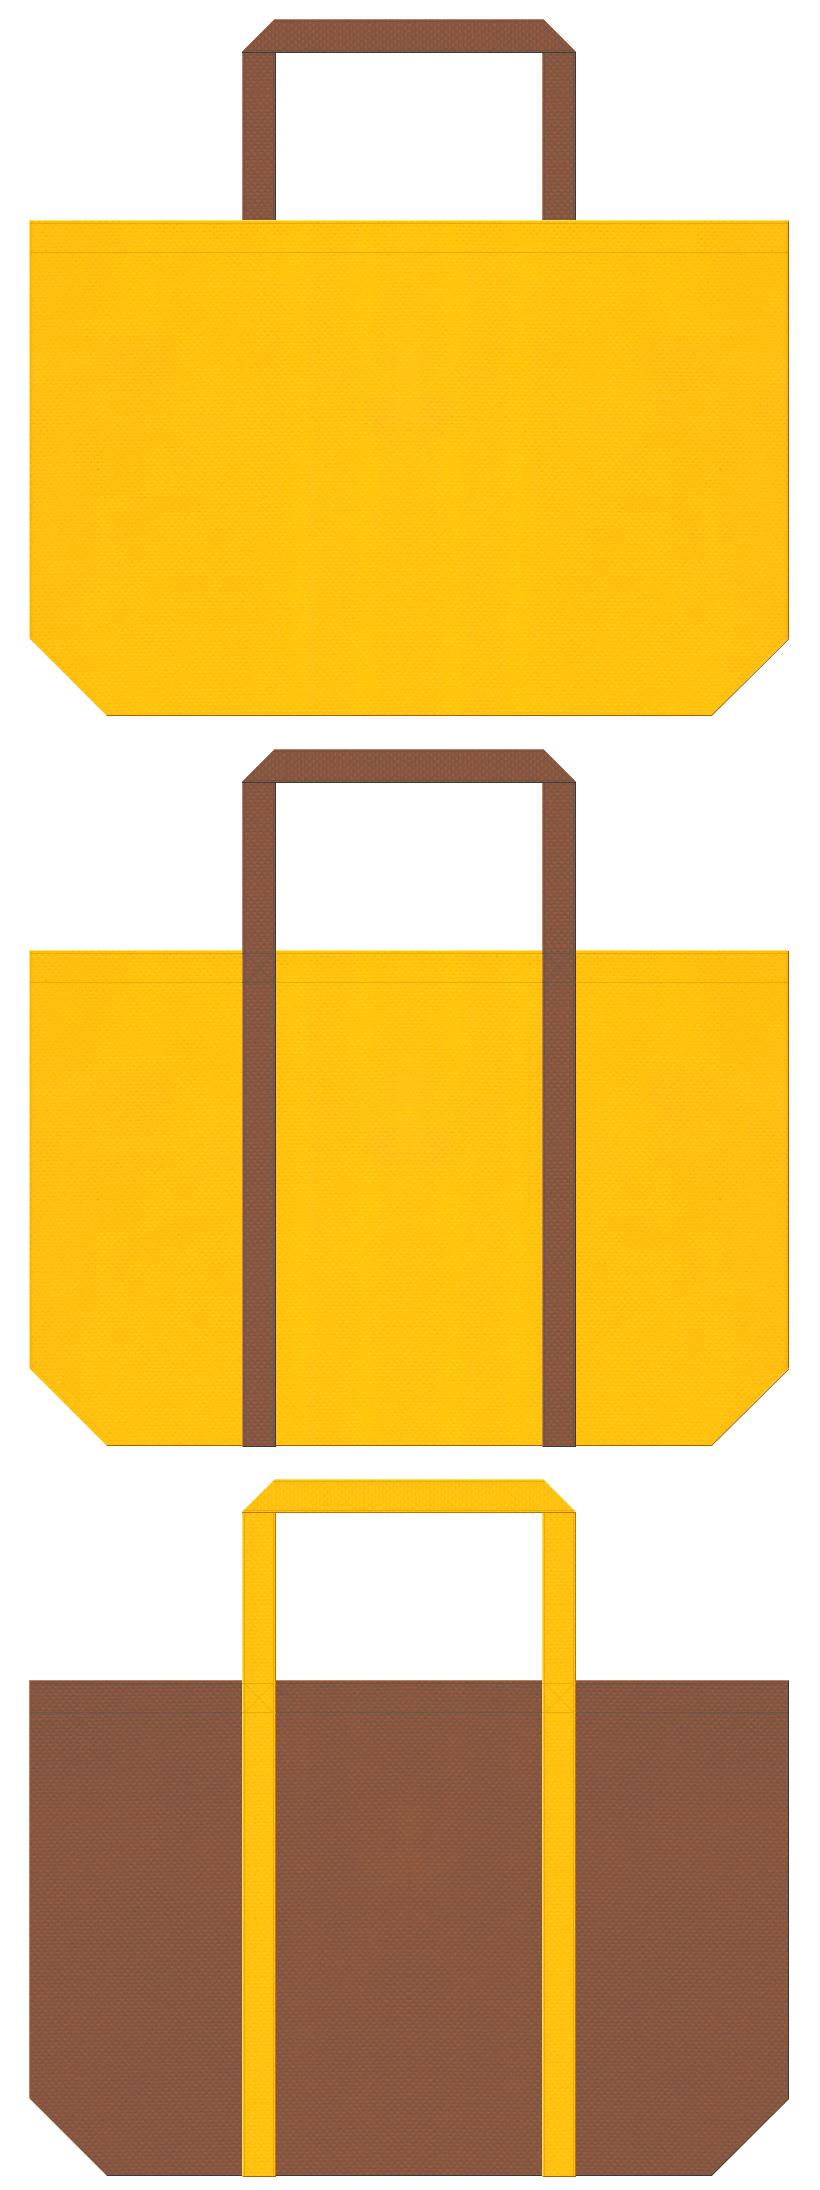 養蜂場・はちみつ・いちょうの木・サラダ油・フライヤー・バーベキュー・キャンプ用品・キッチン用品・和菓子・焼きいも・スイートポテト・ロールケーキ・カステラ・マロンケーキ・スイーツ・ベーカリーショップにお奨めの不織布バッグデザイン:黄色と茶色のコーデ